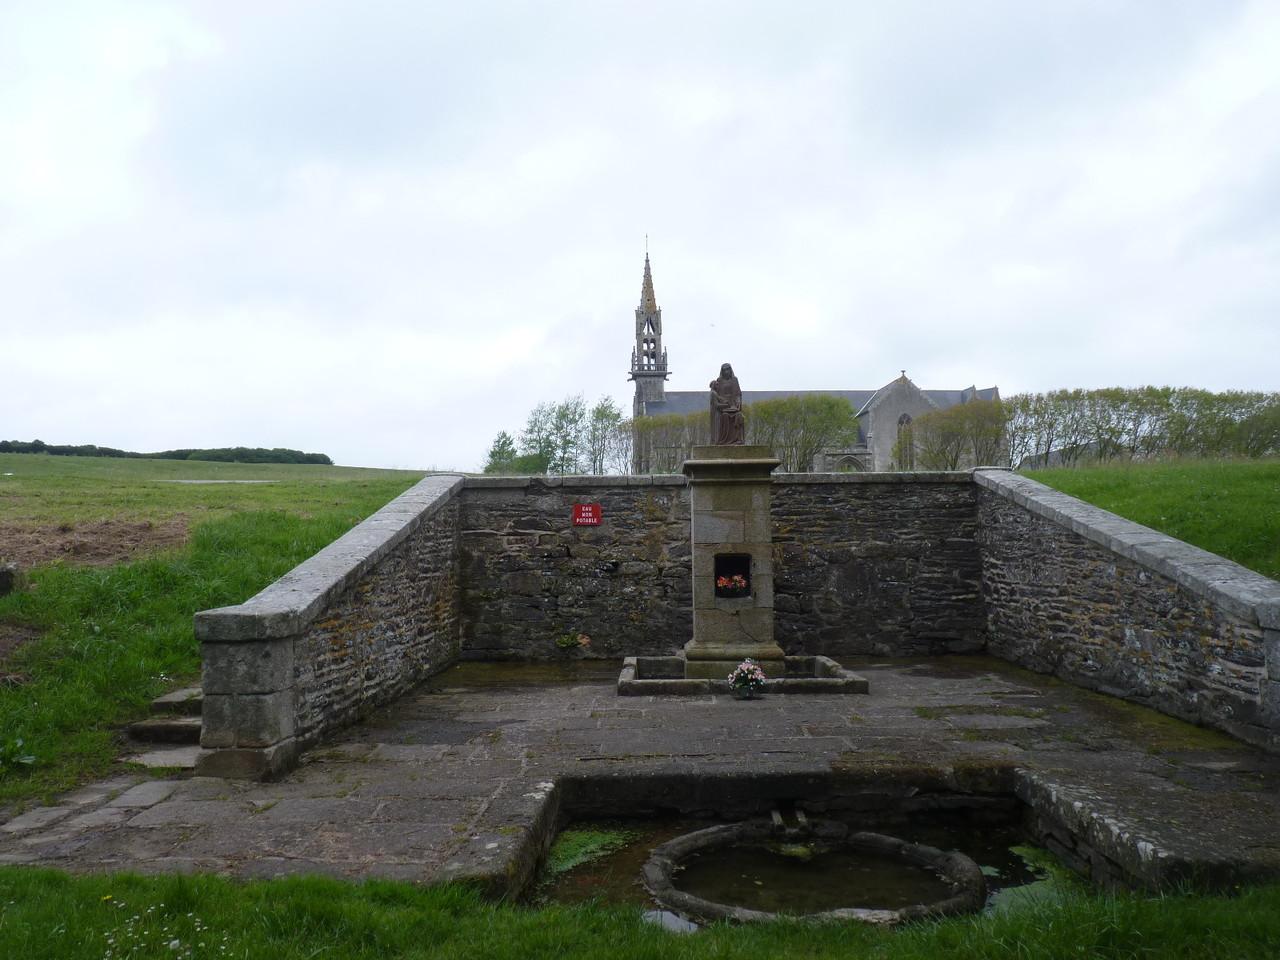 La fontaine et la chapelle de Sainte Anne la Palud - Plonevez Porzay